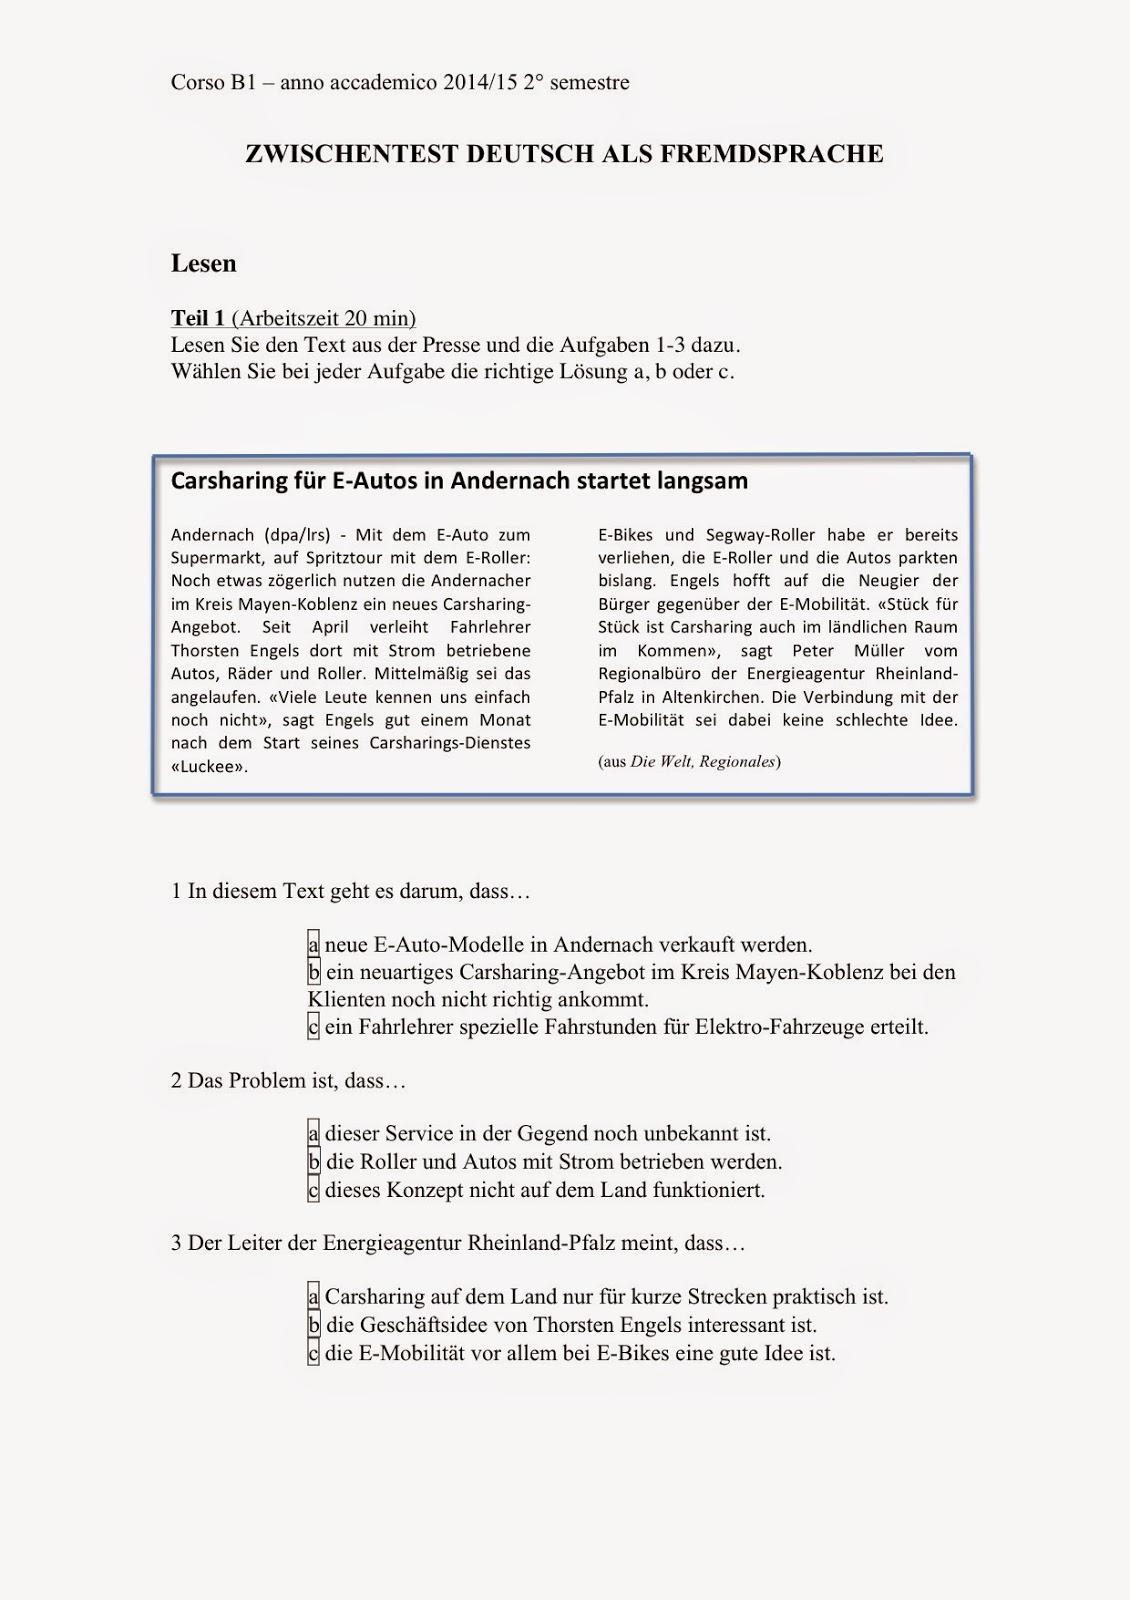 bungsmaterial aus dem unterricht - B1 Prufung Muster